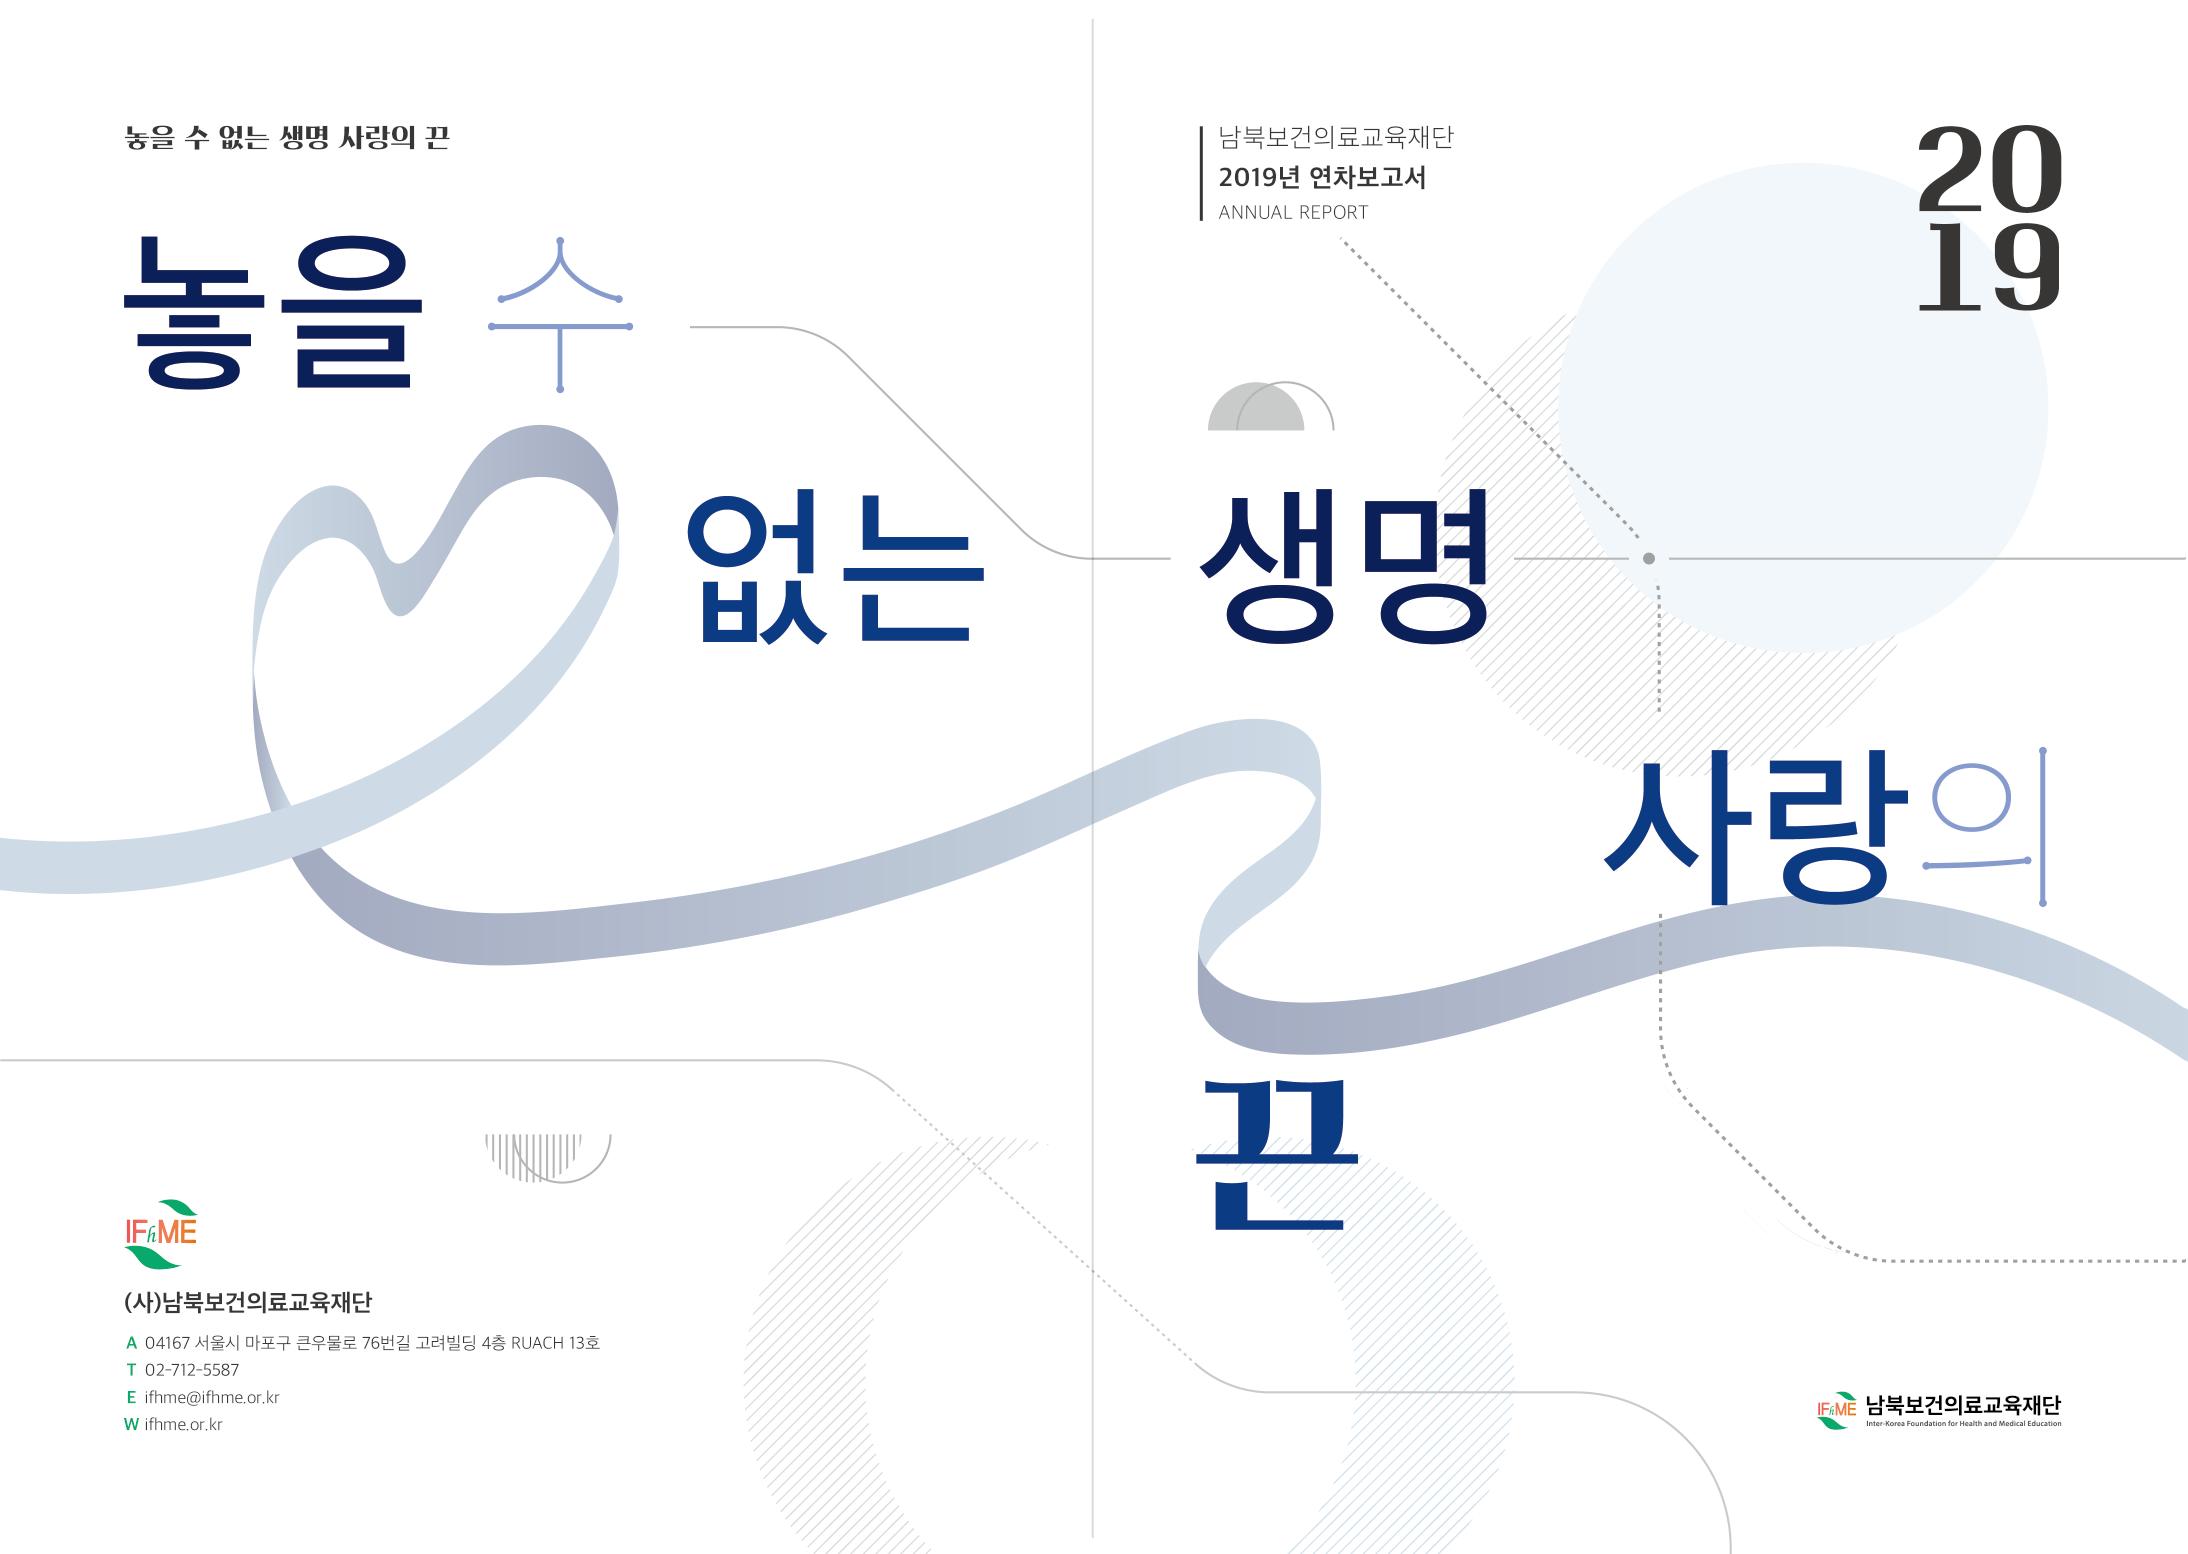 커버디자인_대지 6 사본 9 (1).png